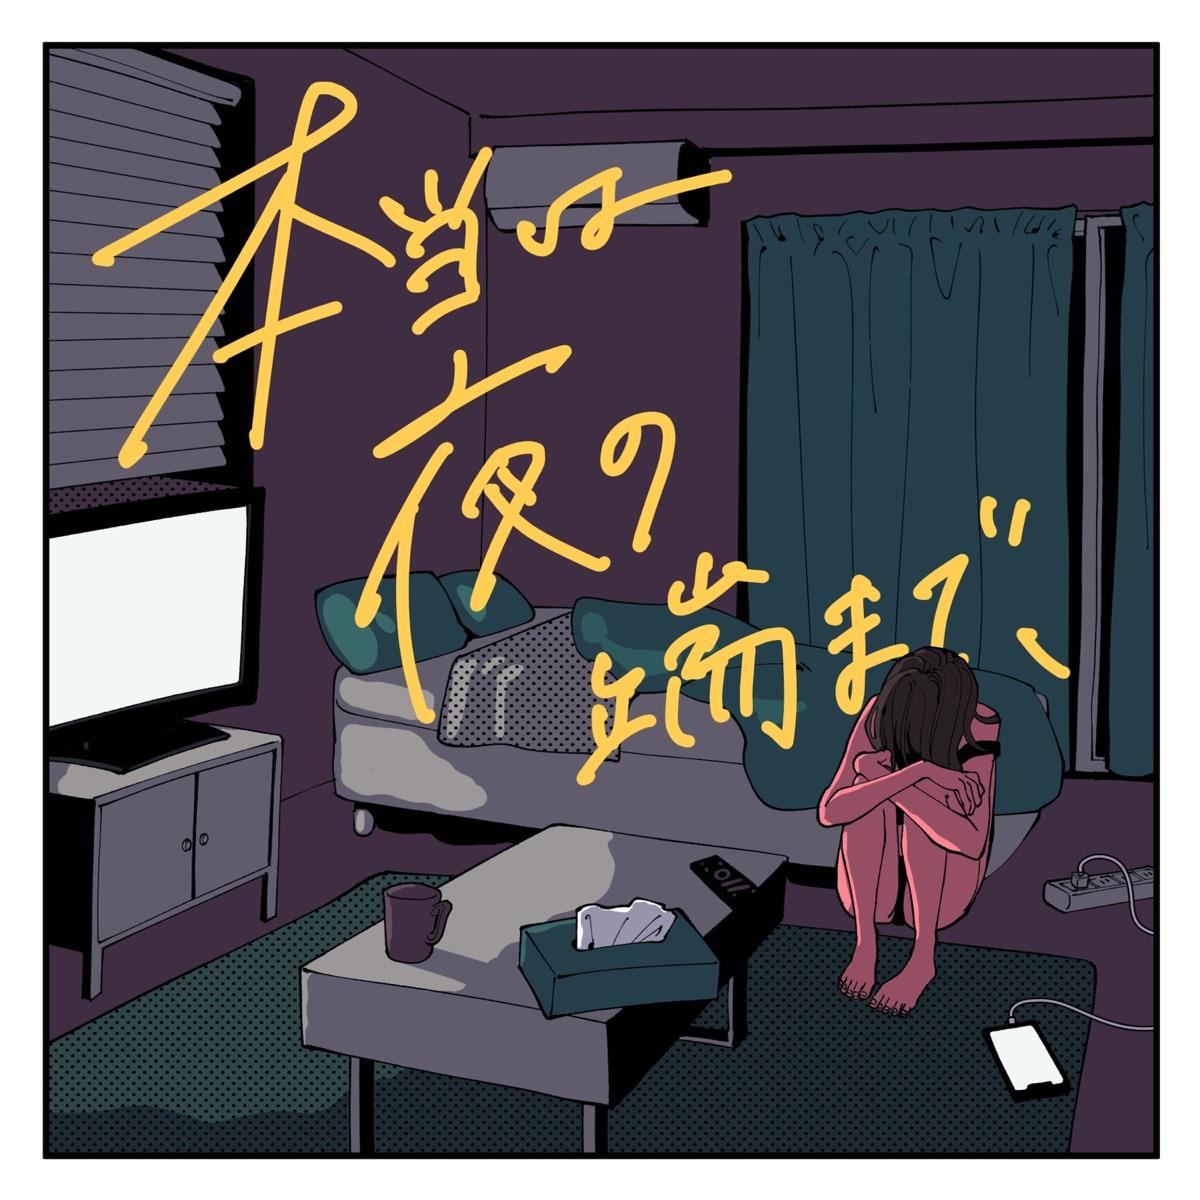 『MAISONdes - 本当は夜の端まで、 (feat. おおお & くじら)』収録の『本当は夜の端まで、 (feat. OOO & くじら)』ジャケット